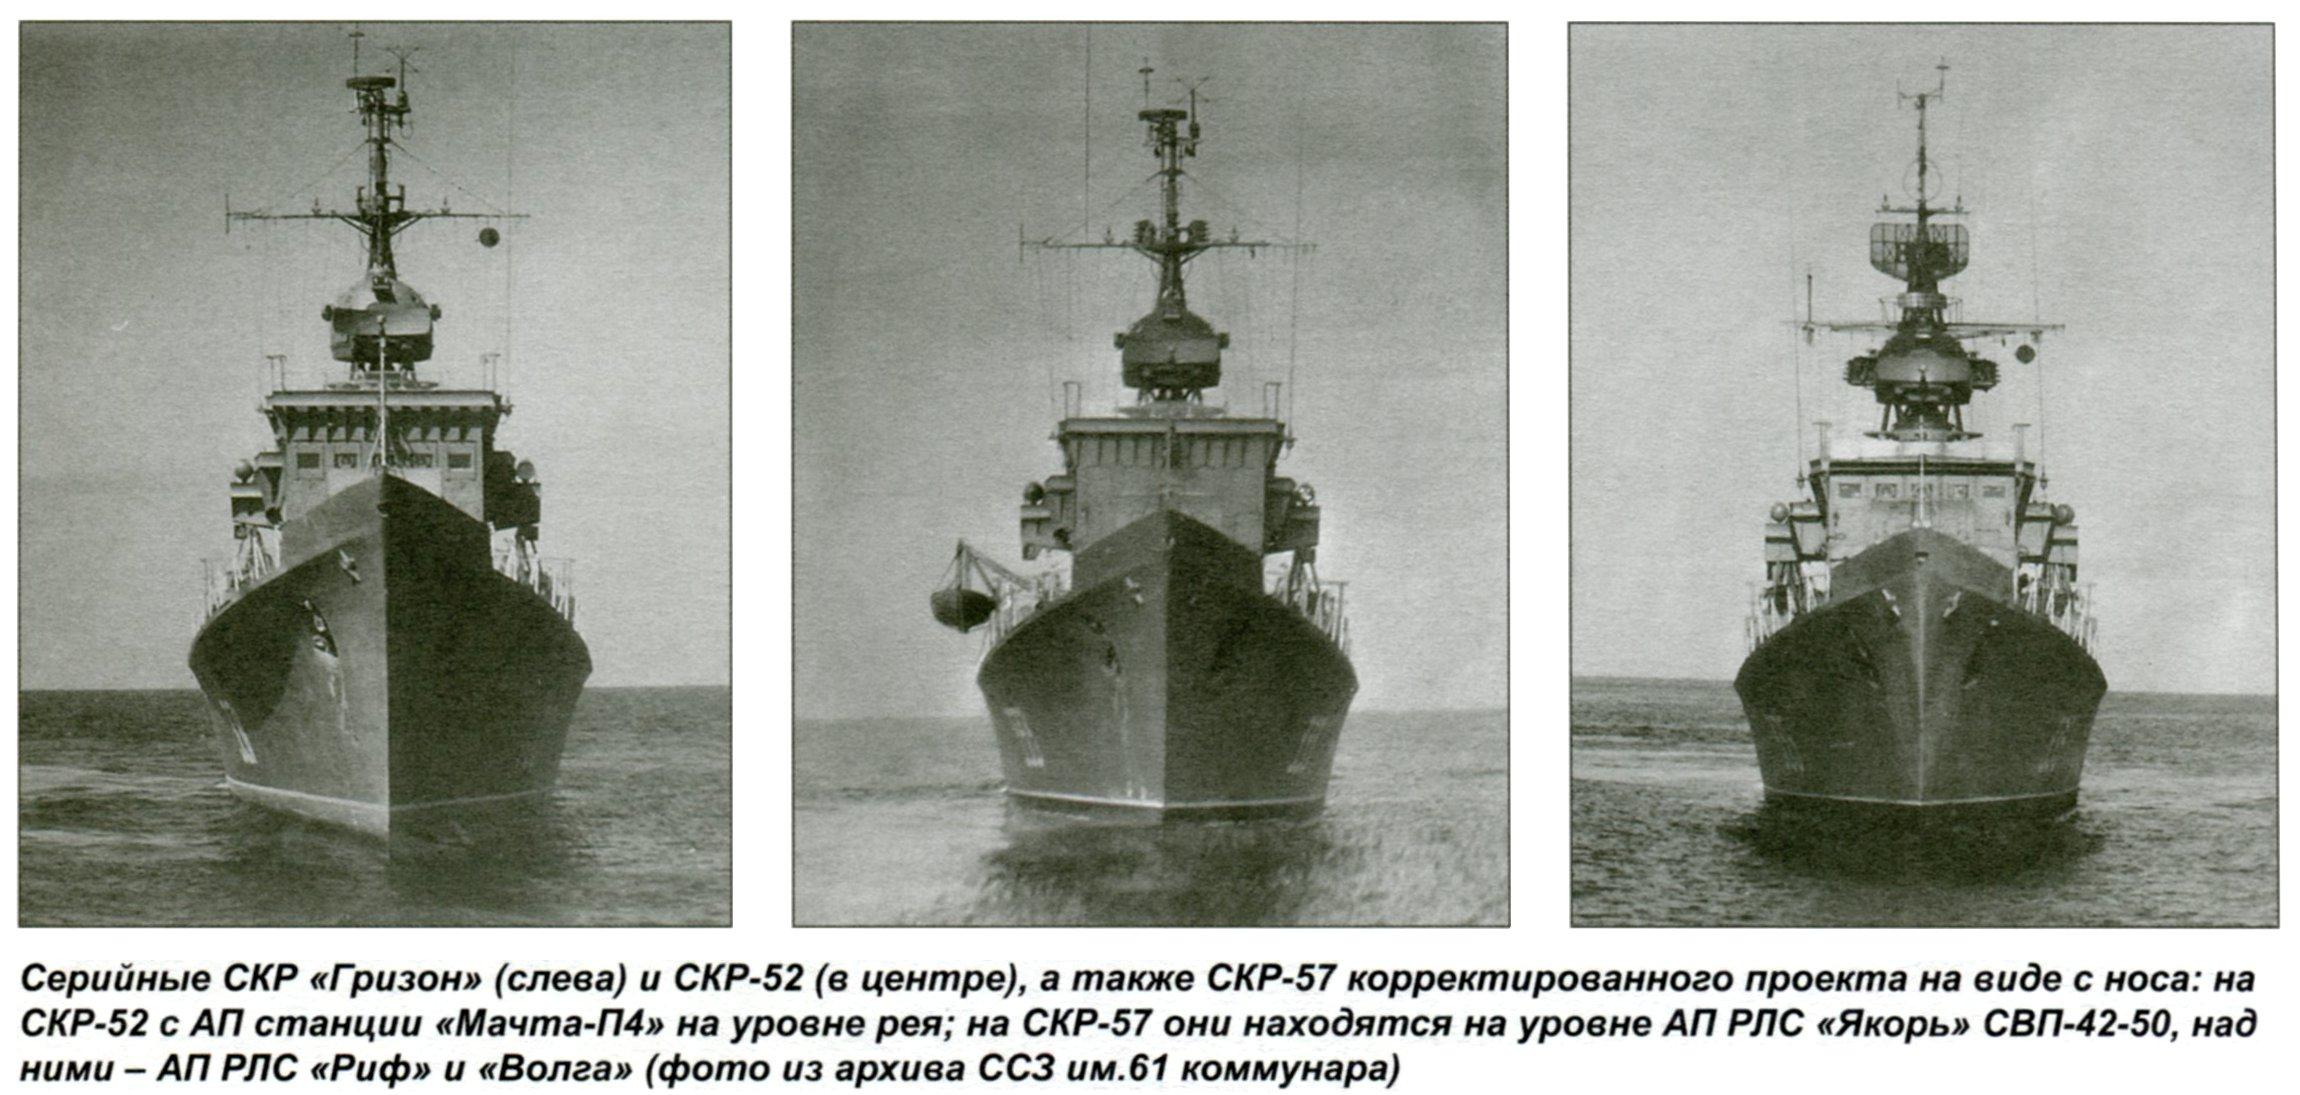 РТВ СКР пр.50_различия.jpg